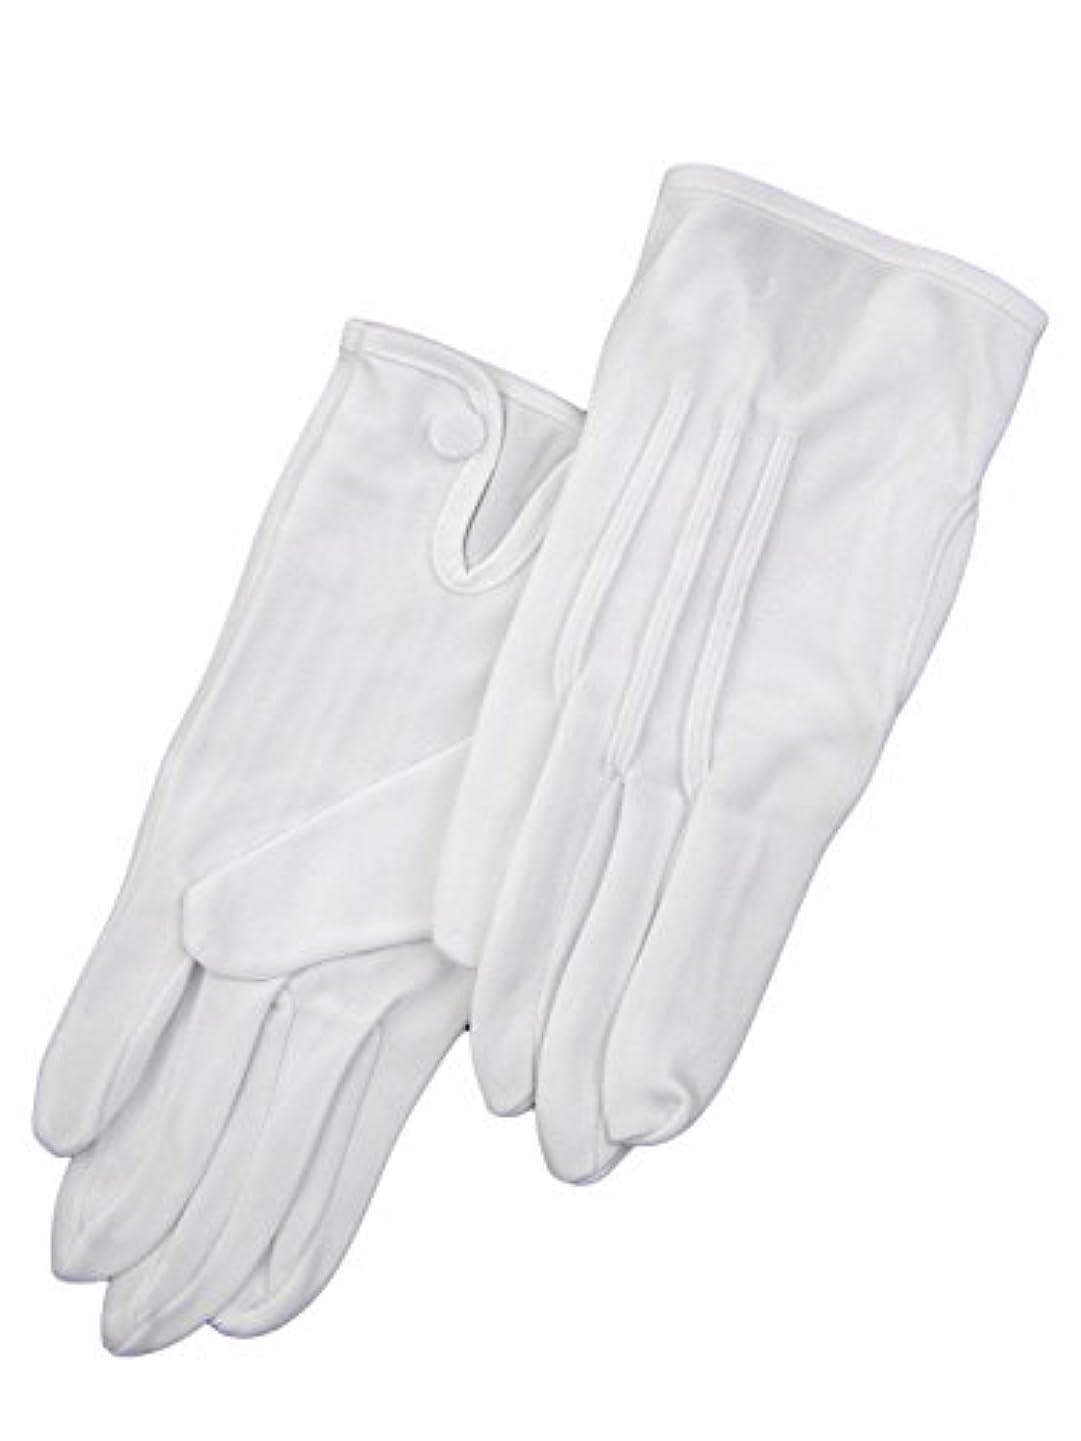 パステル分析的バンド紳士白ナイロン手袋 105 シロ M